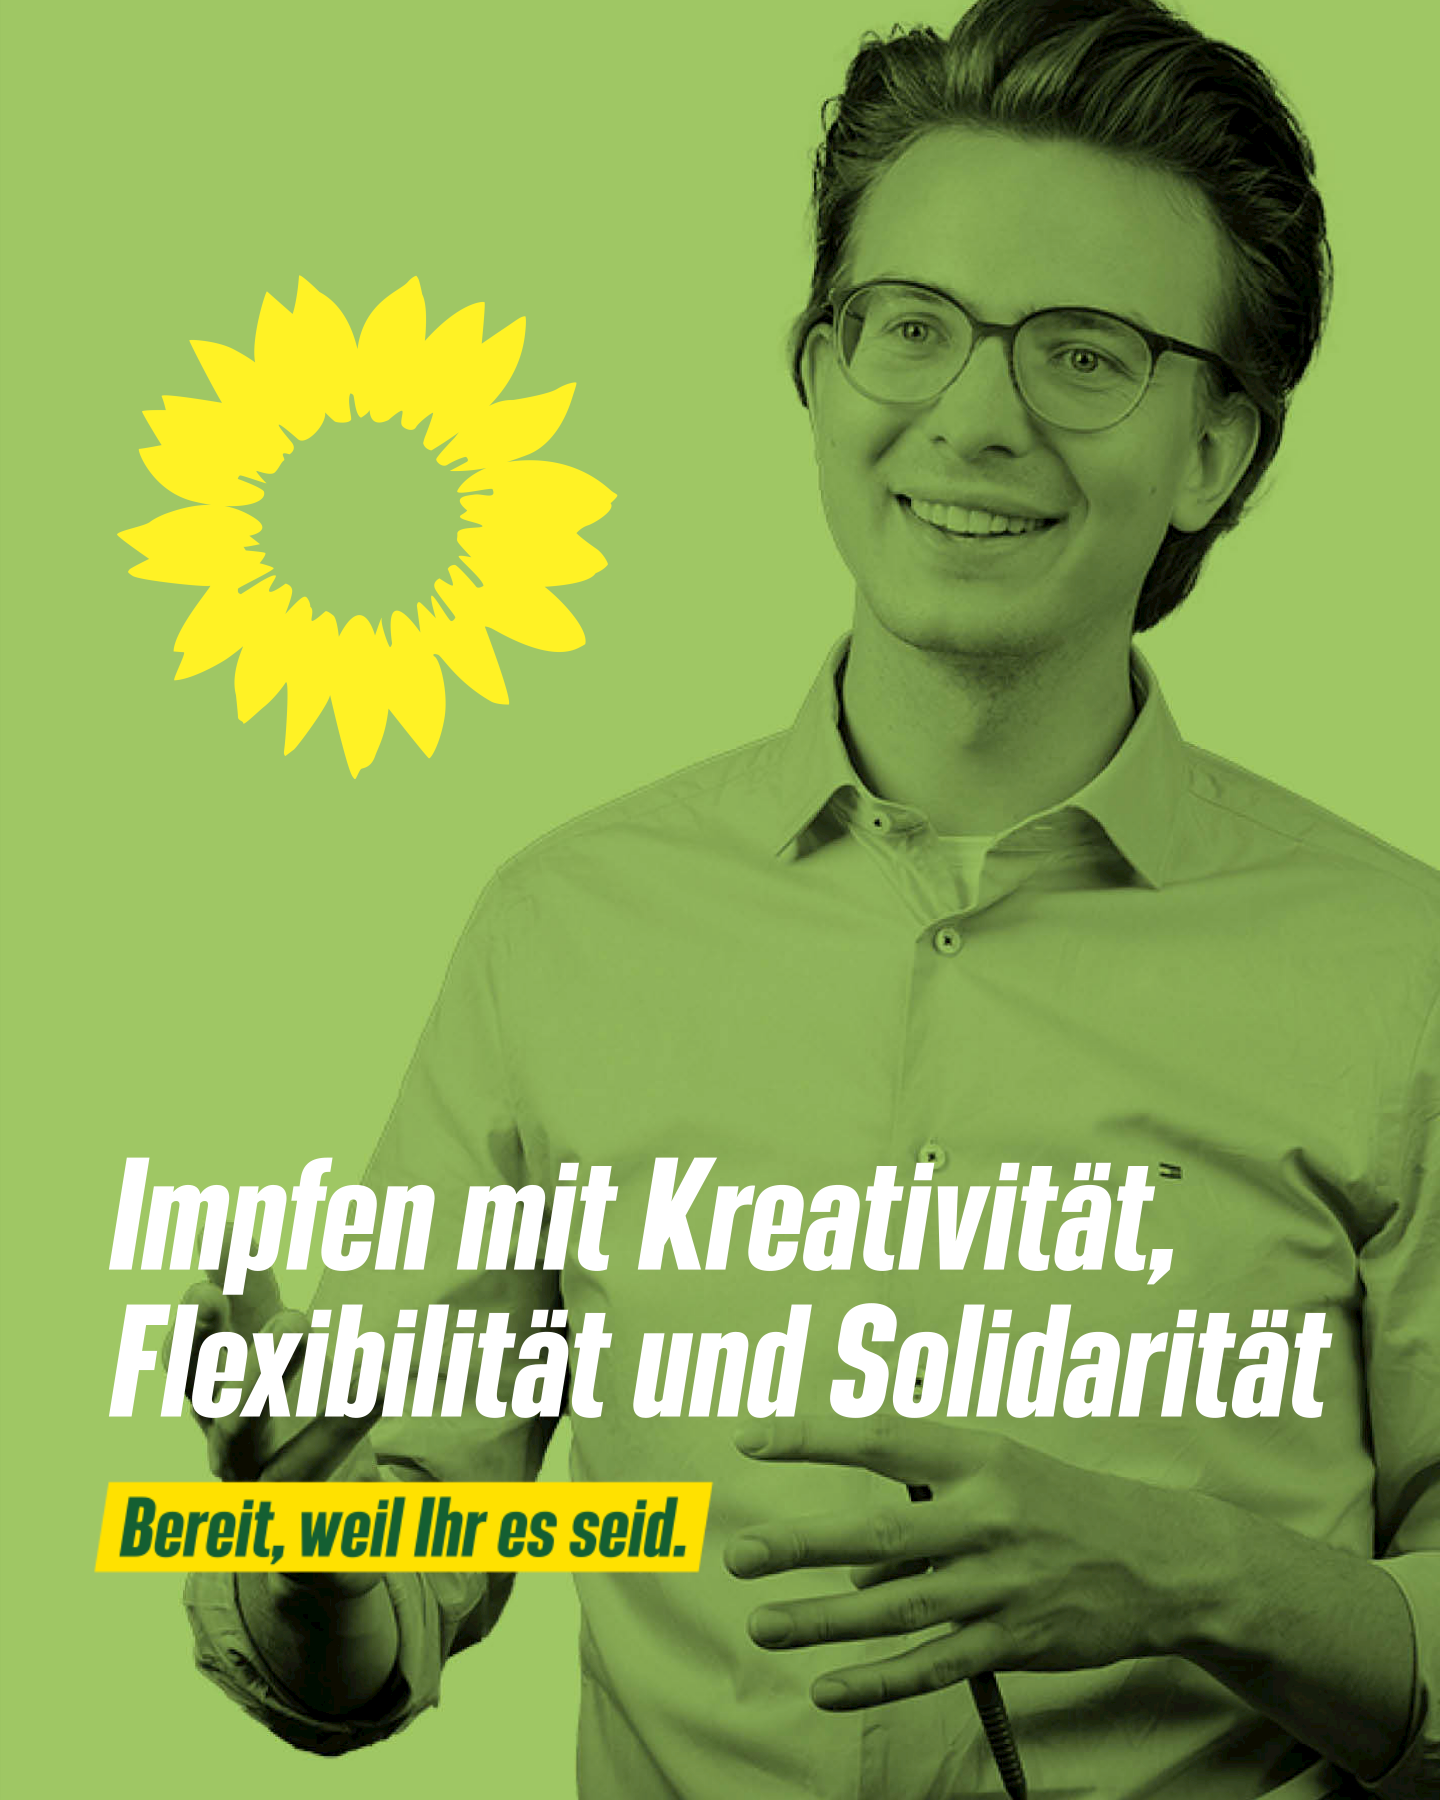 Leon Eckert wirbt für kreative Ideen beim Impfen